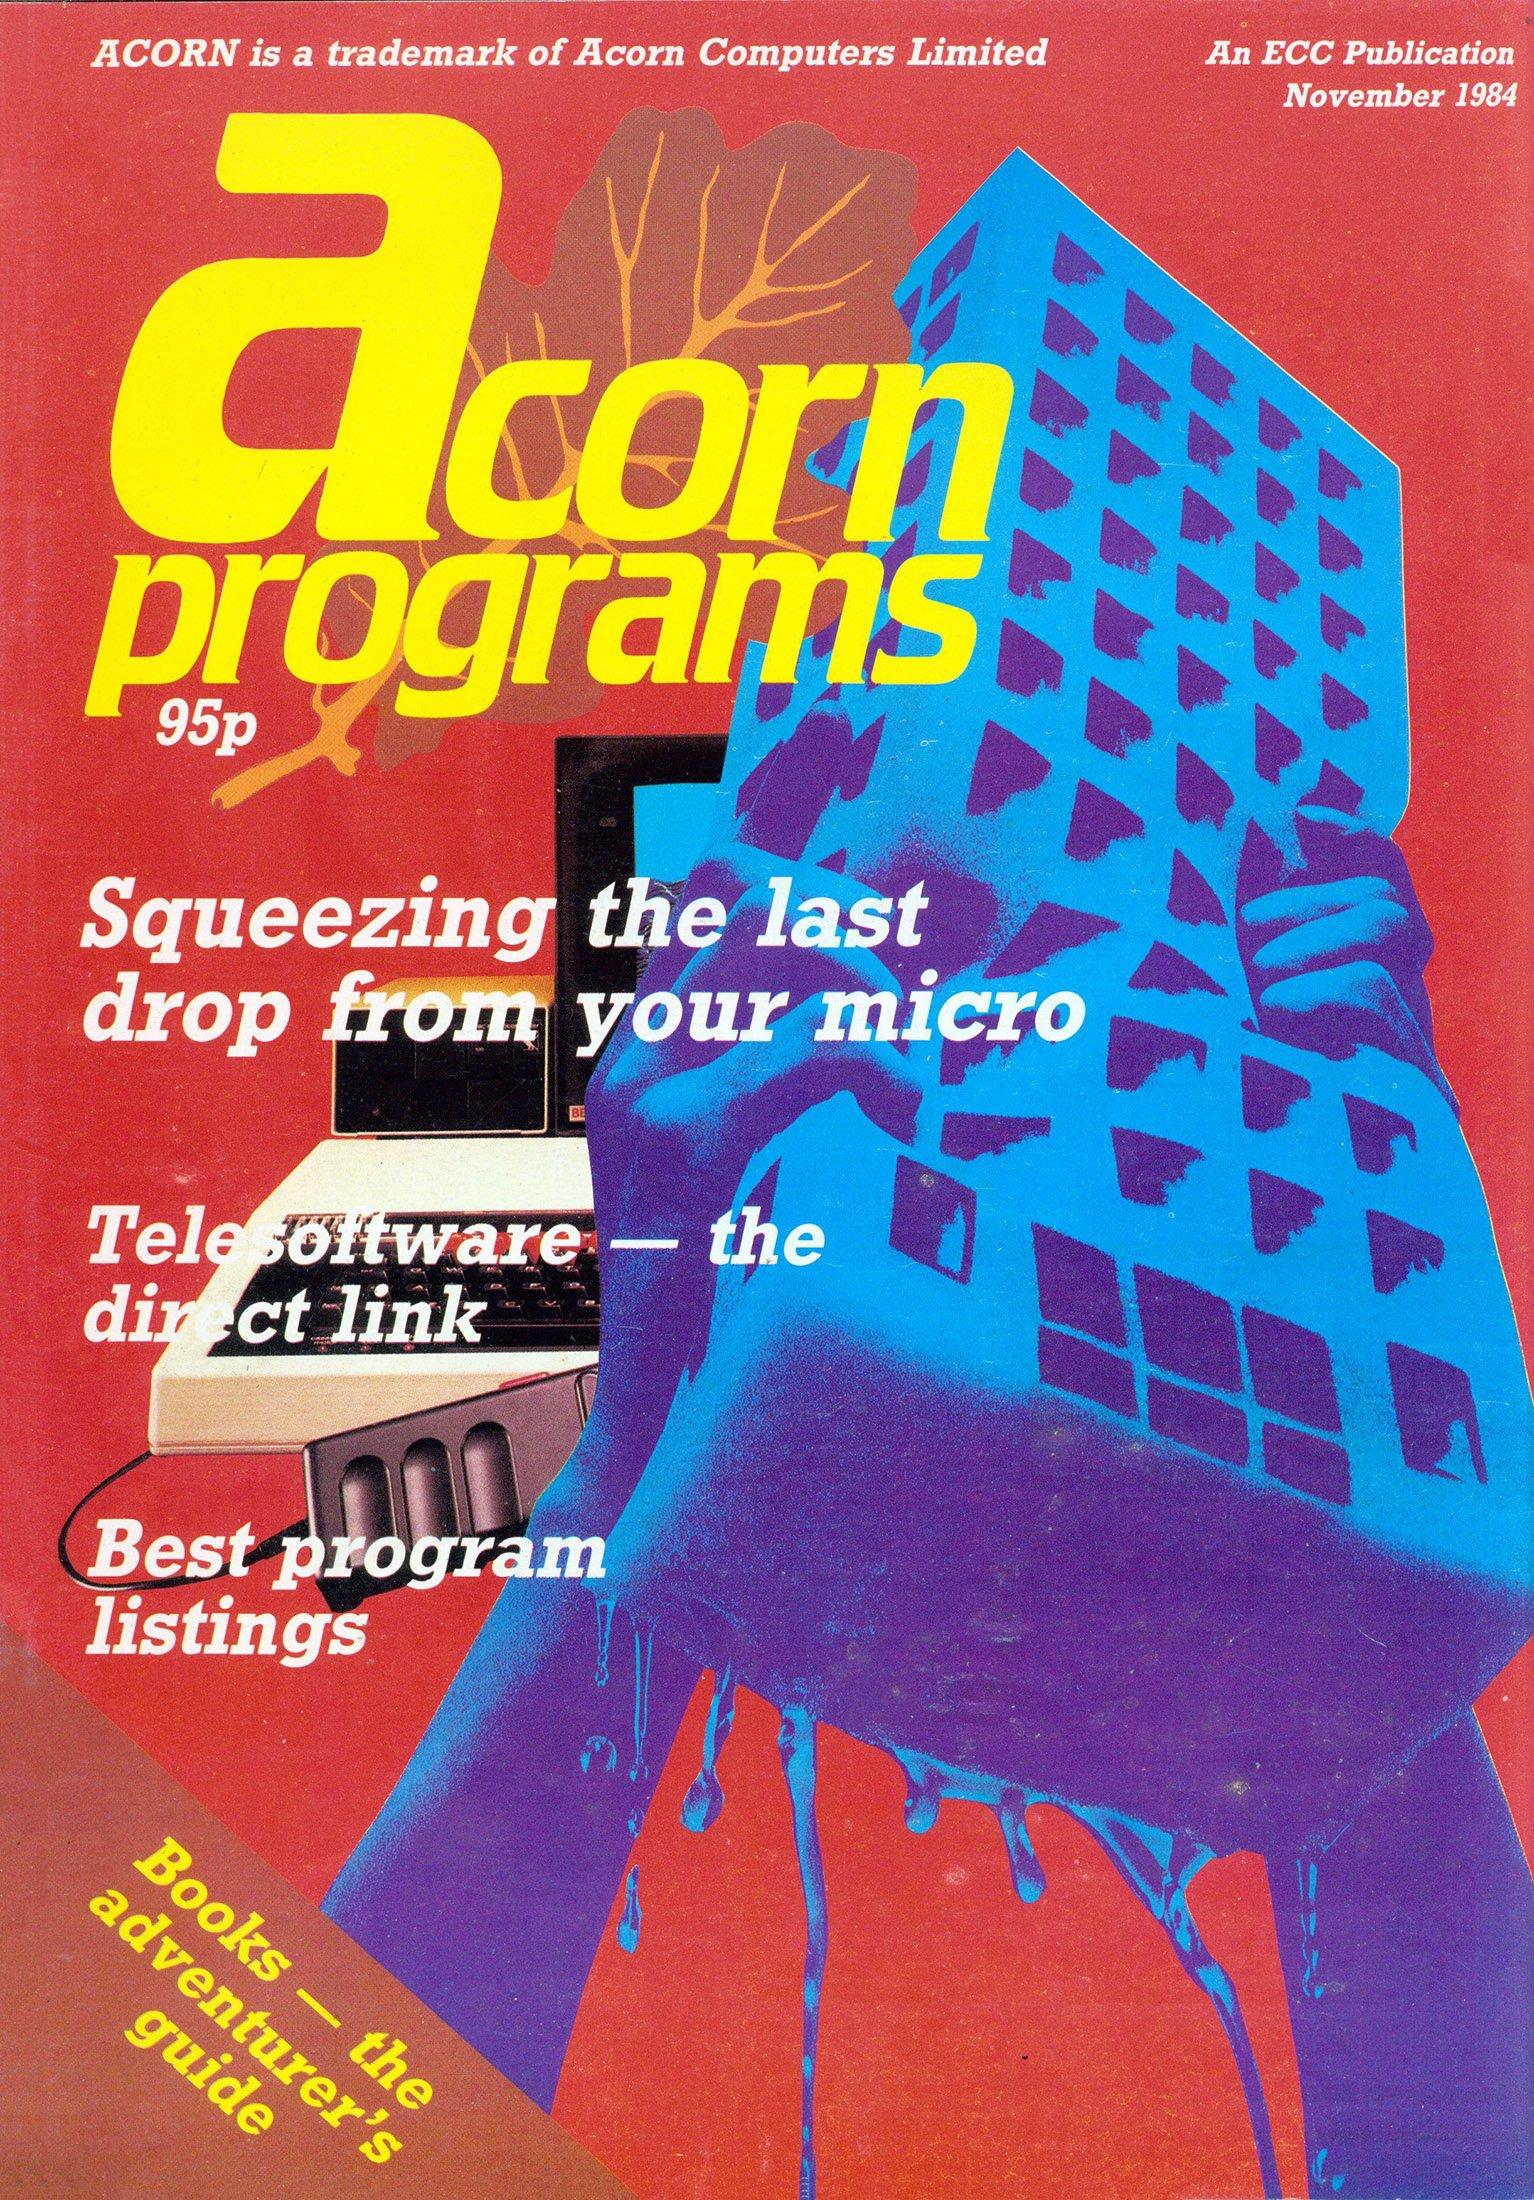 Acorn Programs 07 (November 1984)